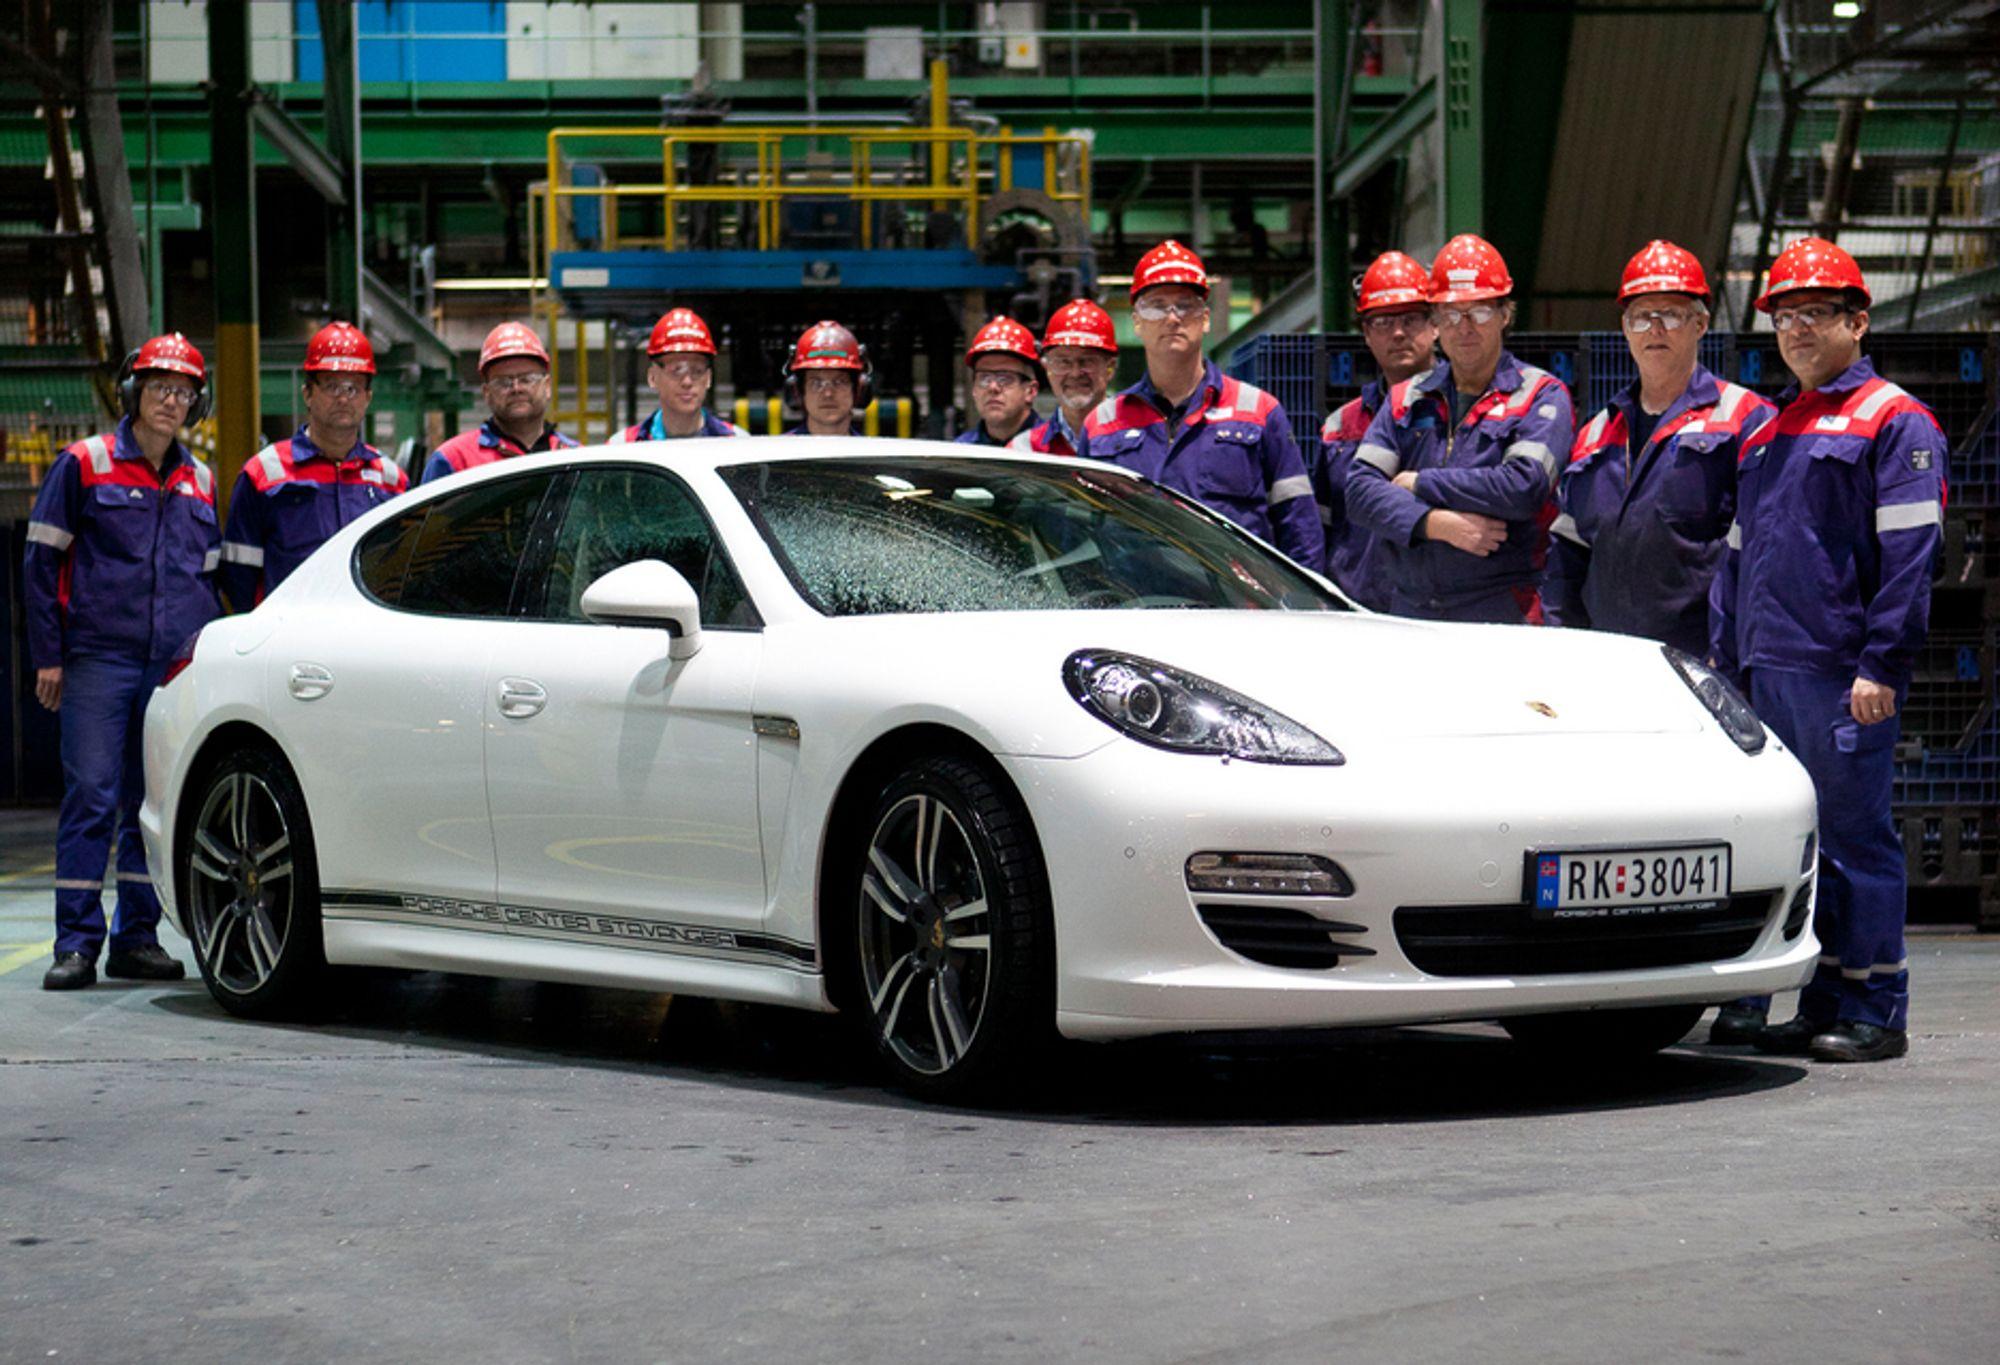 VINNERE: Farsund Aluminium Castings unike støpeteknologi har gitt dem en betydelig ordrereserve hos verdens fremste bilprodusenter. Bedriften er i dag verdensledende innen støpte aluminiumsdeler, og vinneren av Årets Ingeniørbragd 2011.